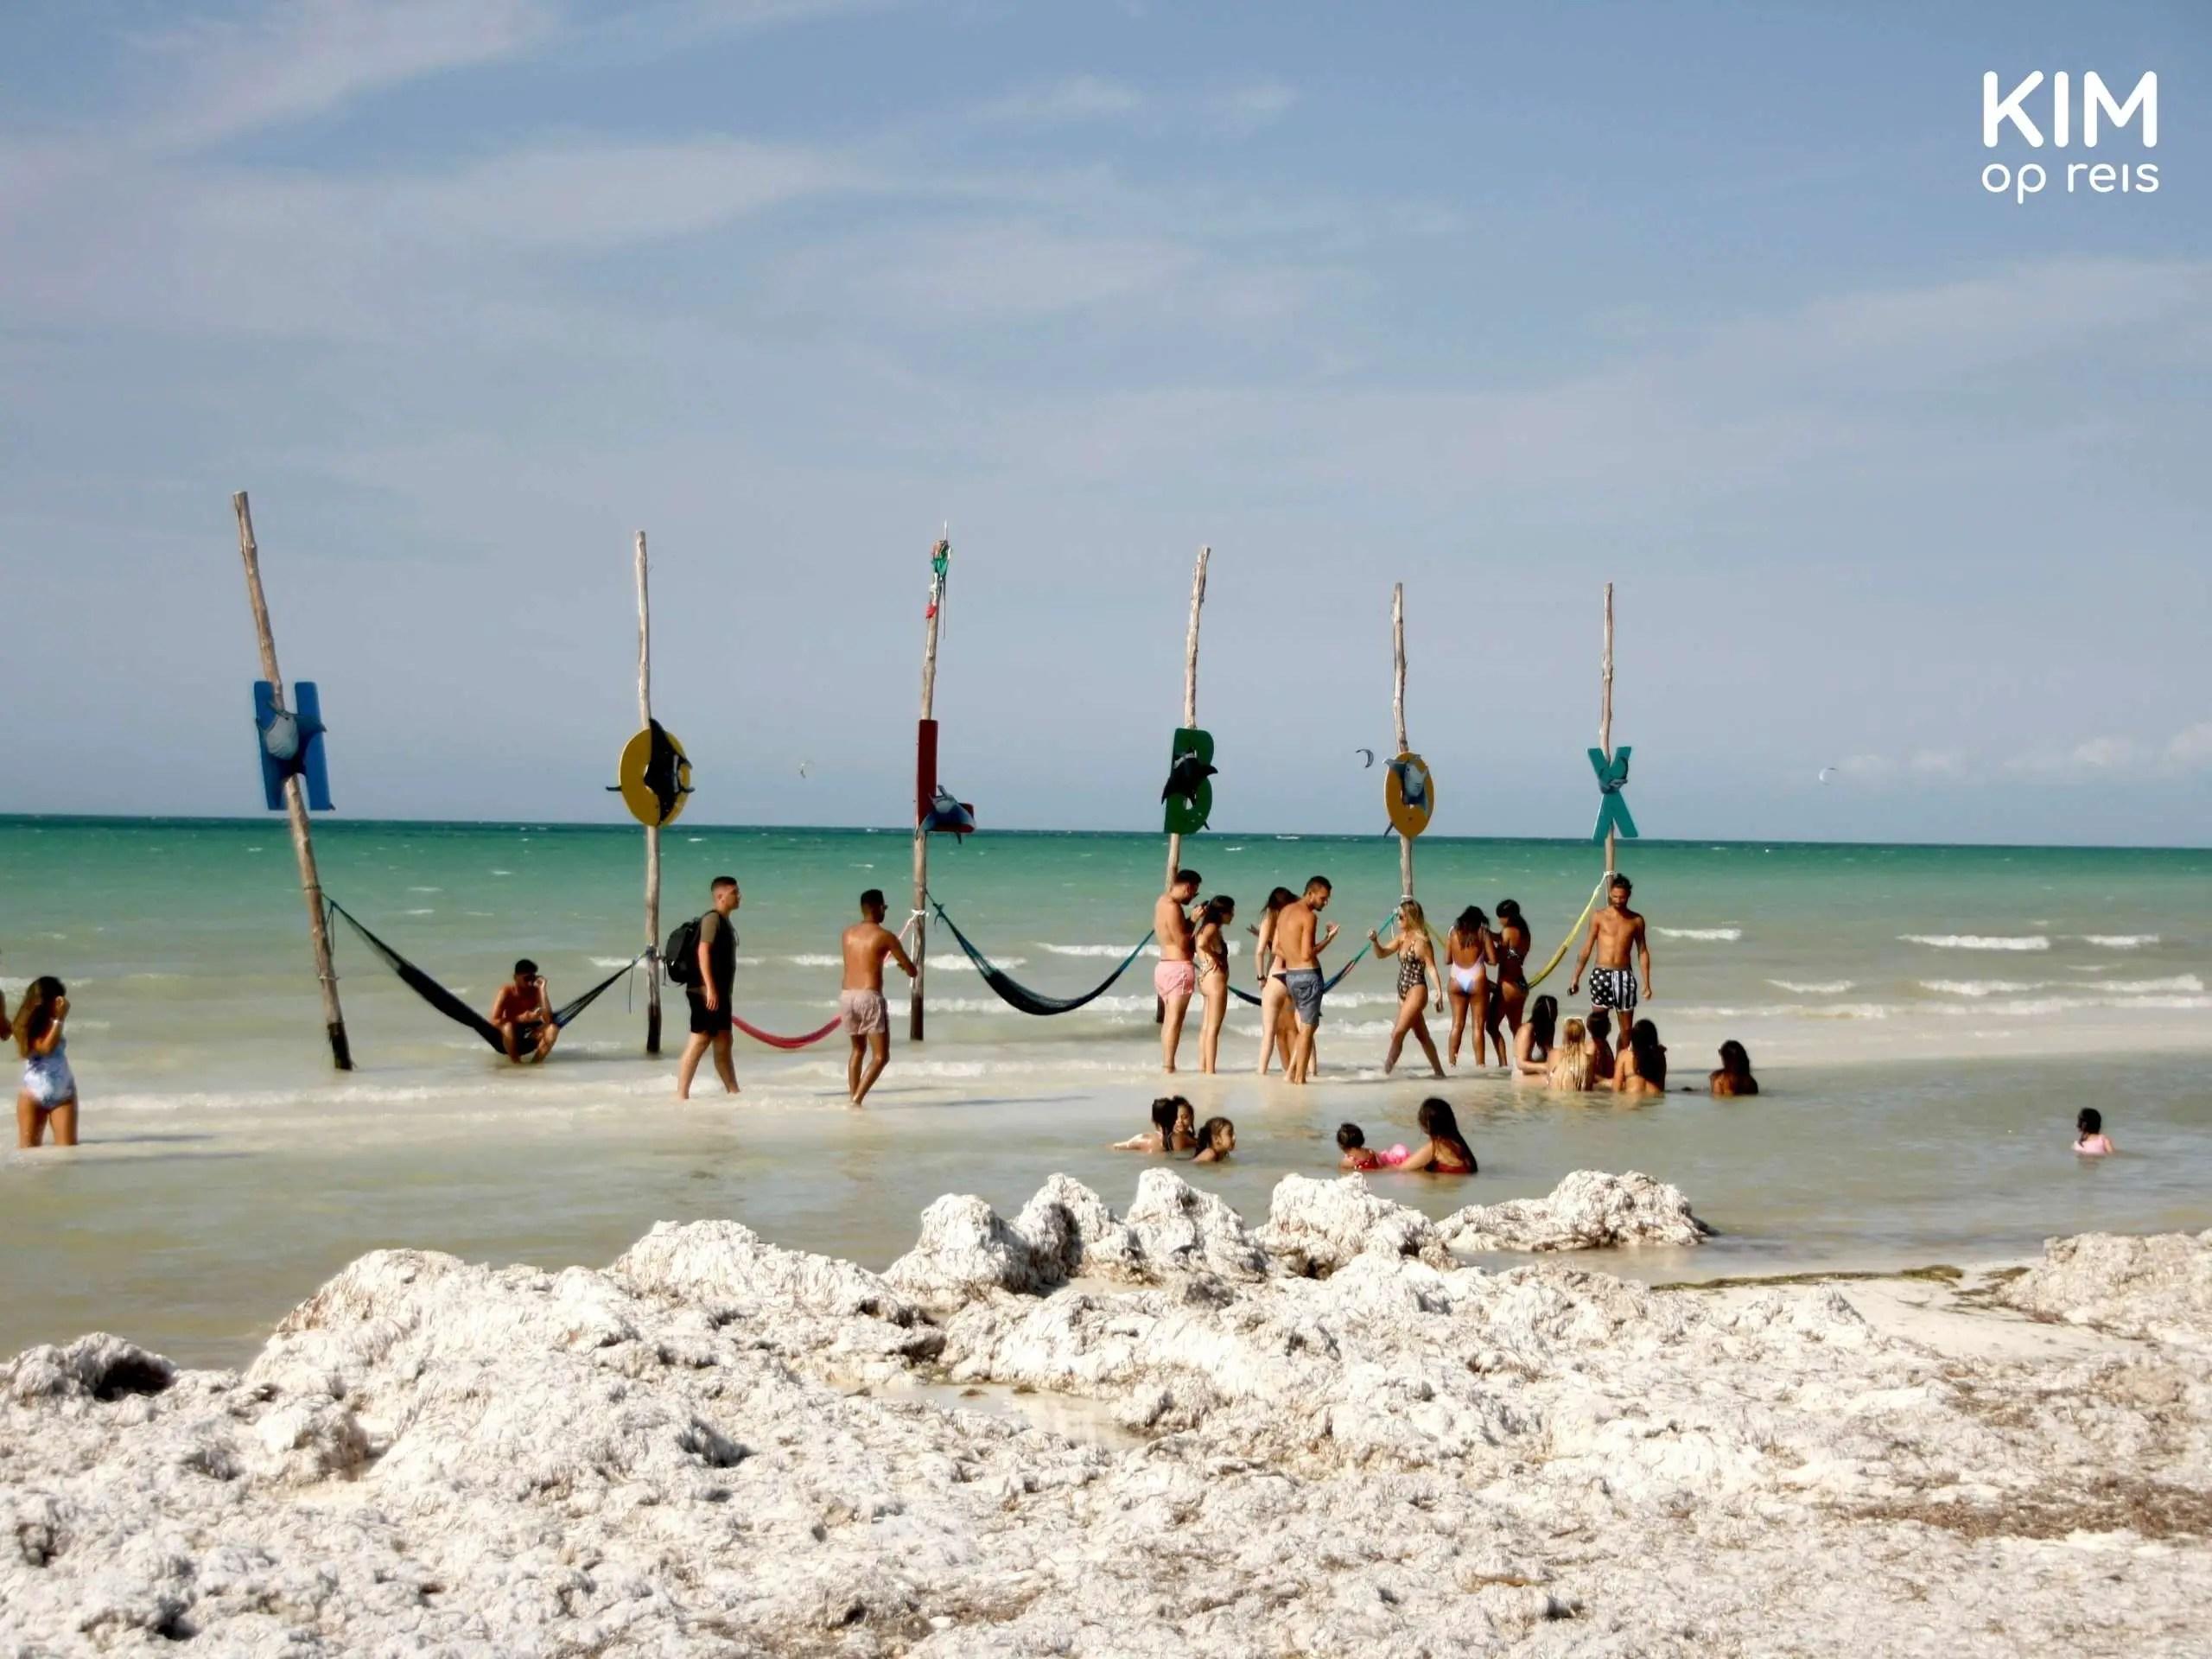 Isla Holbox strand hangmat zee: strand met mensen en hangmatten in de zee